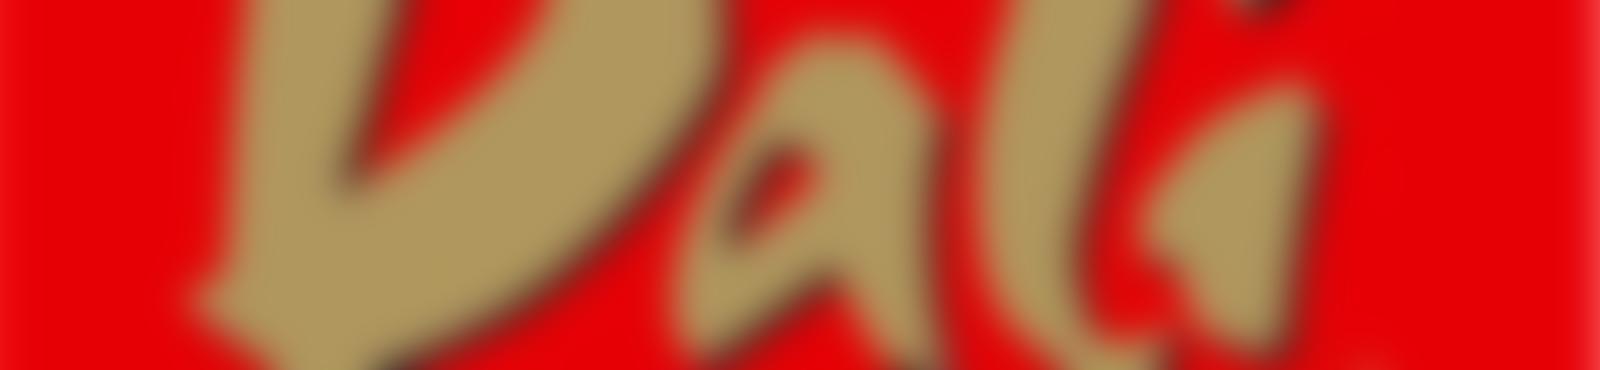 Blurred 6e99d196 b361 4784 af8e 5c884fecfa77